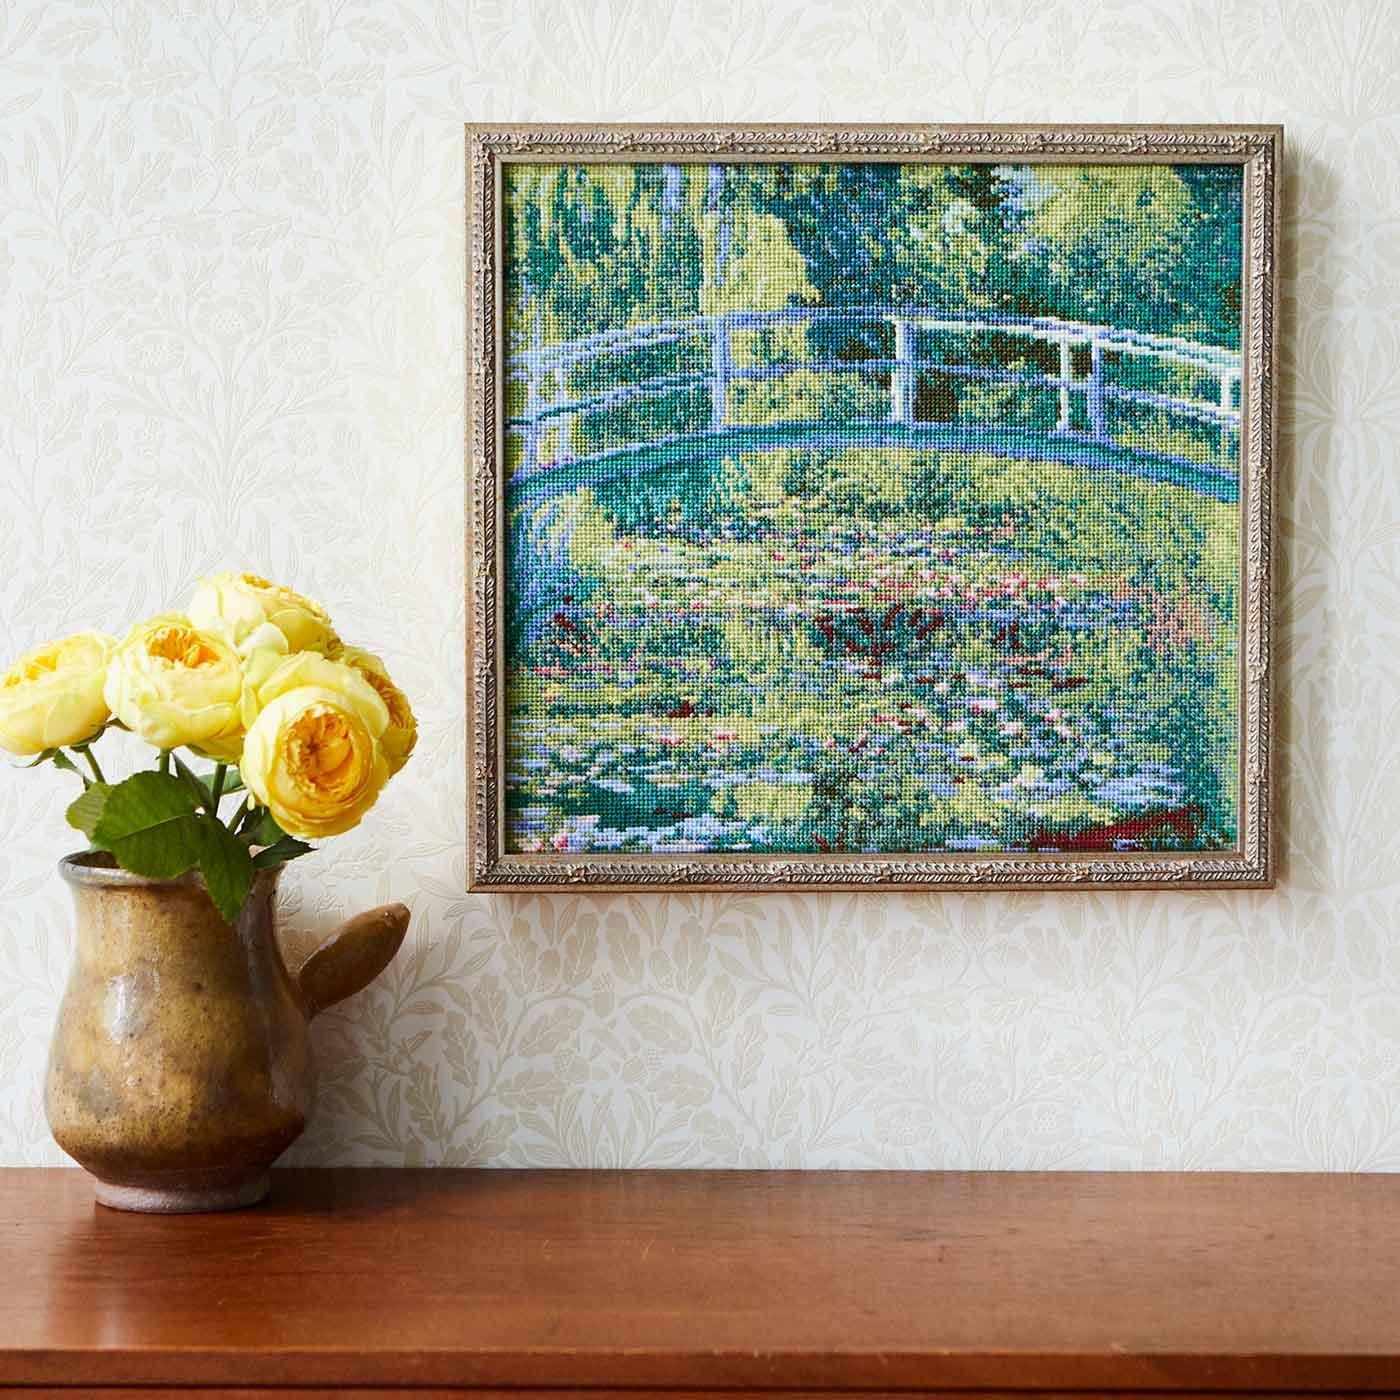 自然の美しさに魅せられて  クロード・モネ「睡蓮の池」クロスステッチキット(大)